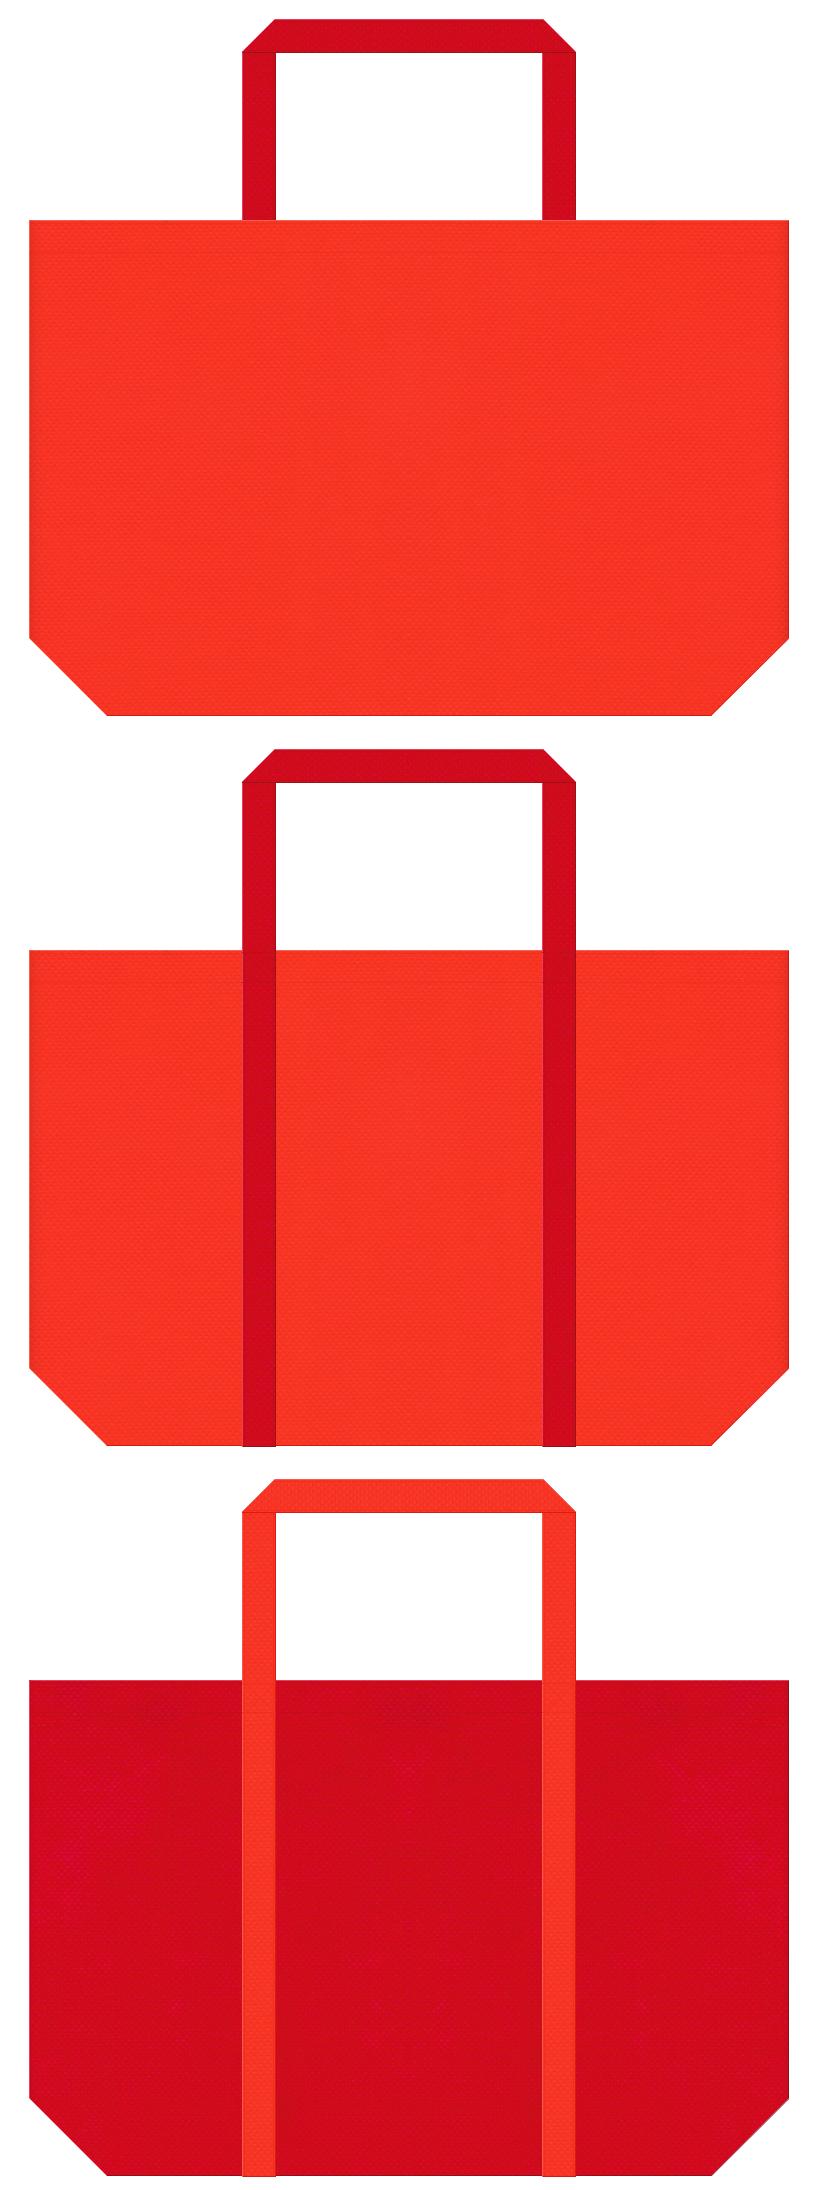 オレンジ色と紅色の不織布ショッピングバッグデザイン。サプリメントの販促ノベルティにお奨めです。